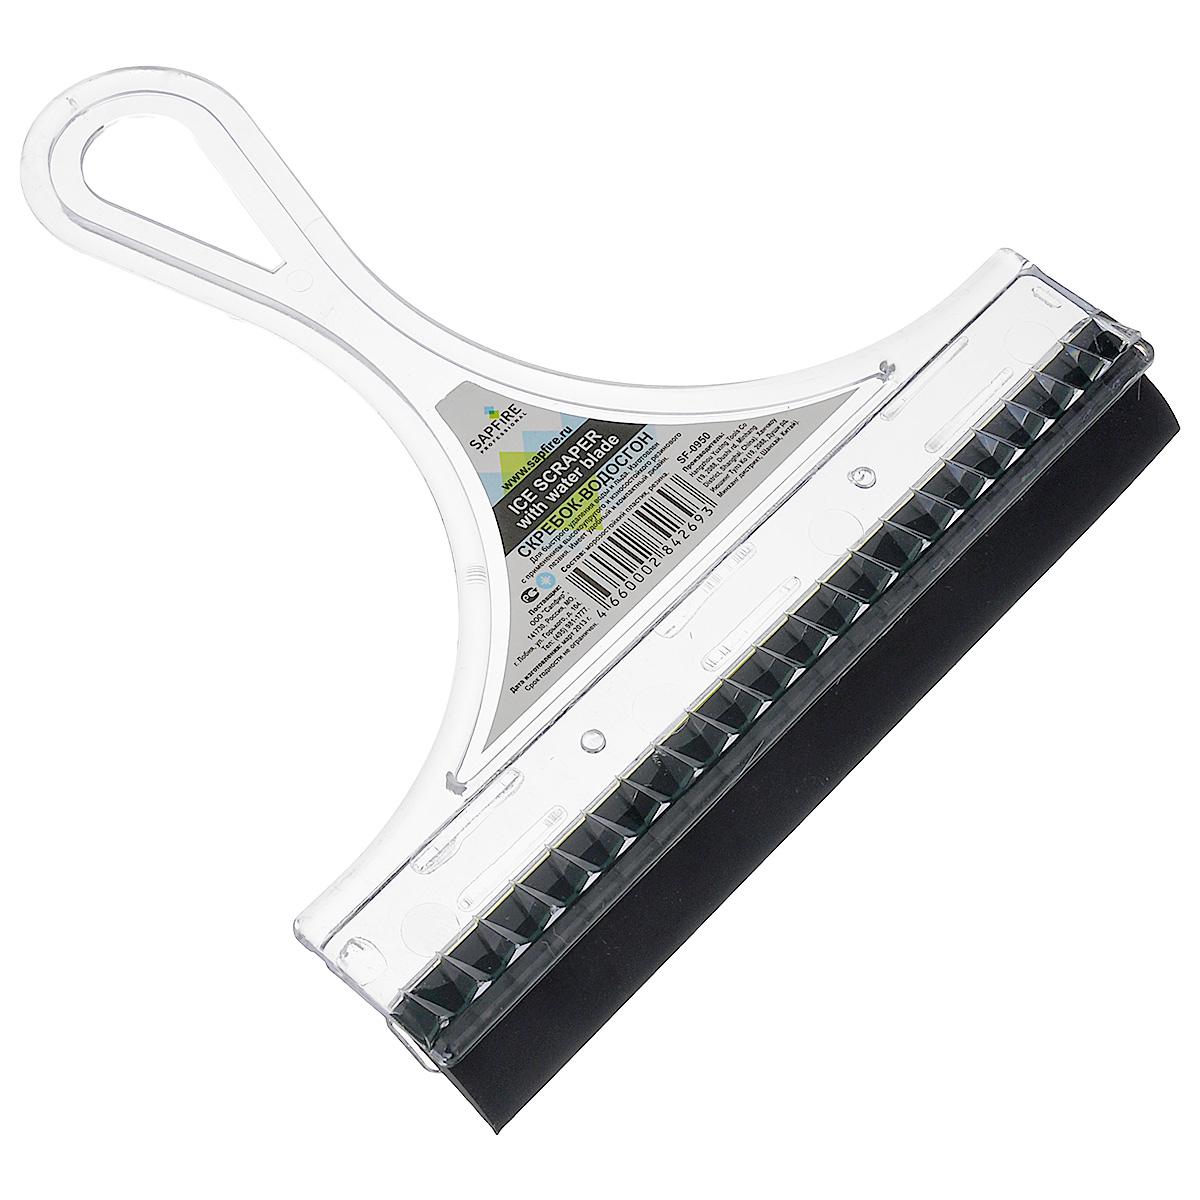 Скребок-водосгон Sapfire, цвет: прозрачный. черный, 17 см х 15,5 см х 1,5 см. SF-950SF-950_прозрачныйСкребок-водосгон Sapfire изготовлен из морозостойкого пластика с применением высокоупругого и износостойкого резинового лезвия. Скребок-водосгон предназначен для быстрого удаления воды и льда с кузова и стекол автомобиля, тем самым исключая появление пятен и предупреждая старение краски. Скребок-водосгон будет также незаменим в снег и дождь, когда на стеклах появляются капли воды. Скребок-водосгон имеет удобный и компактный дизайн. На ручке имеется отверстие, за которое скребок можно повесить в любое удобное место. Водосгон Sapfire станет незаменимым аксессуаром в вашем автомобиле. Размер скребка-водосгона: 17 см х 15,5 см х 1,5 см.